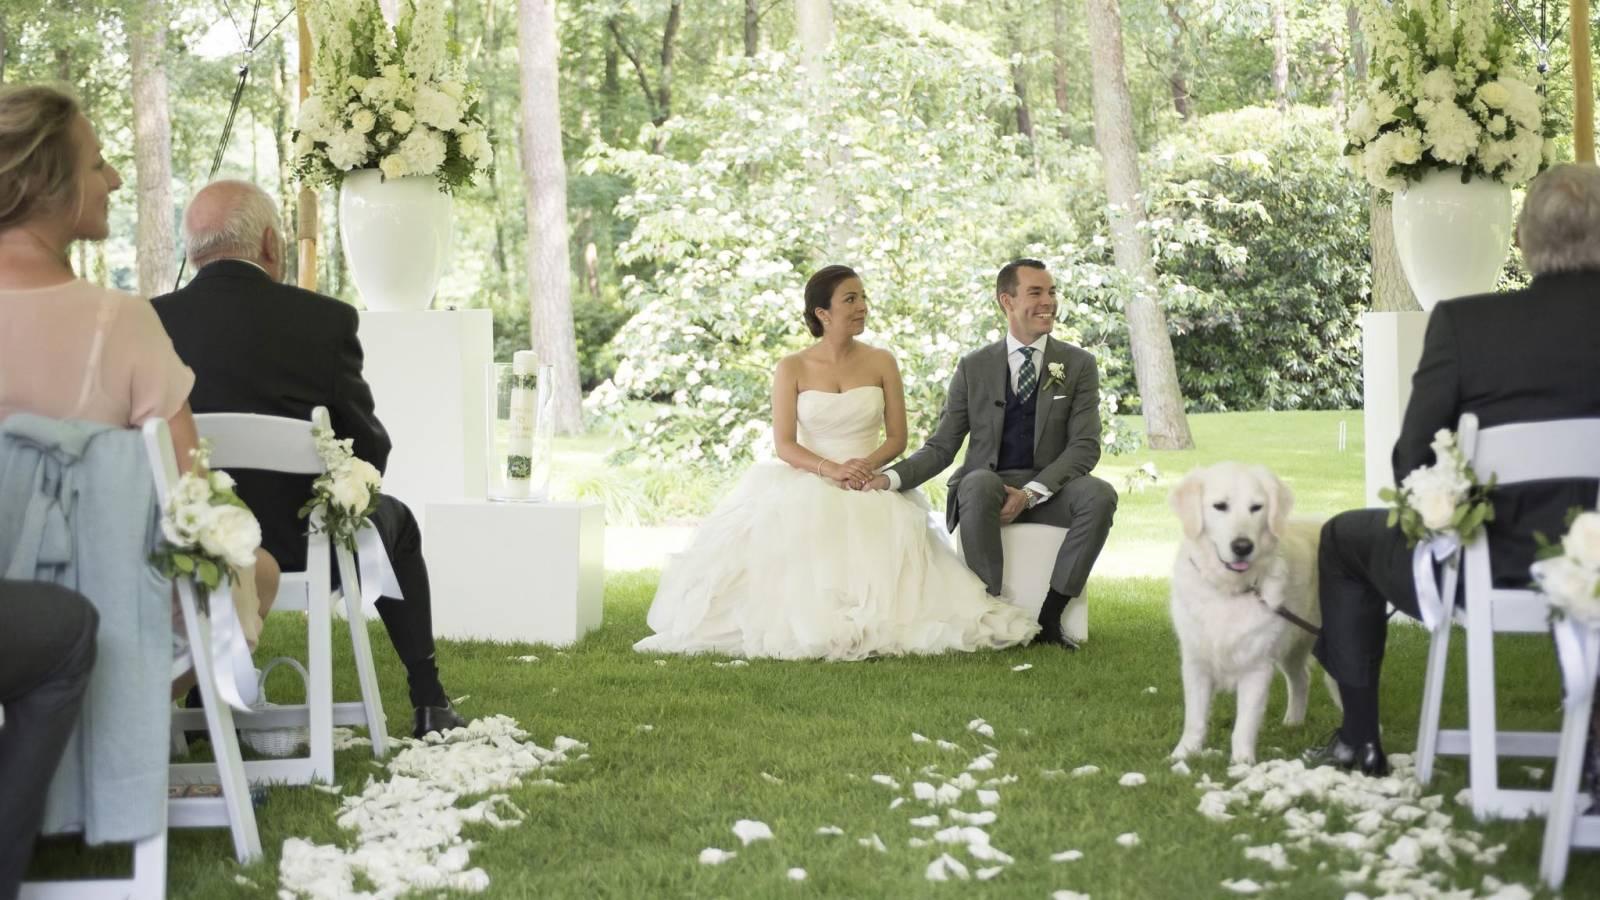 La butte aux bois - House of Weddings - 13